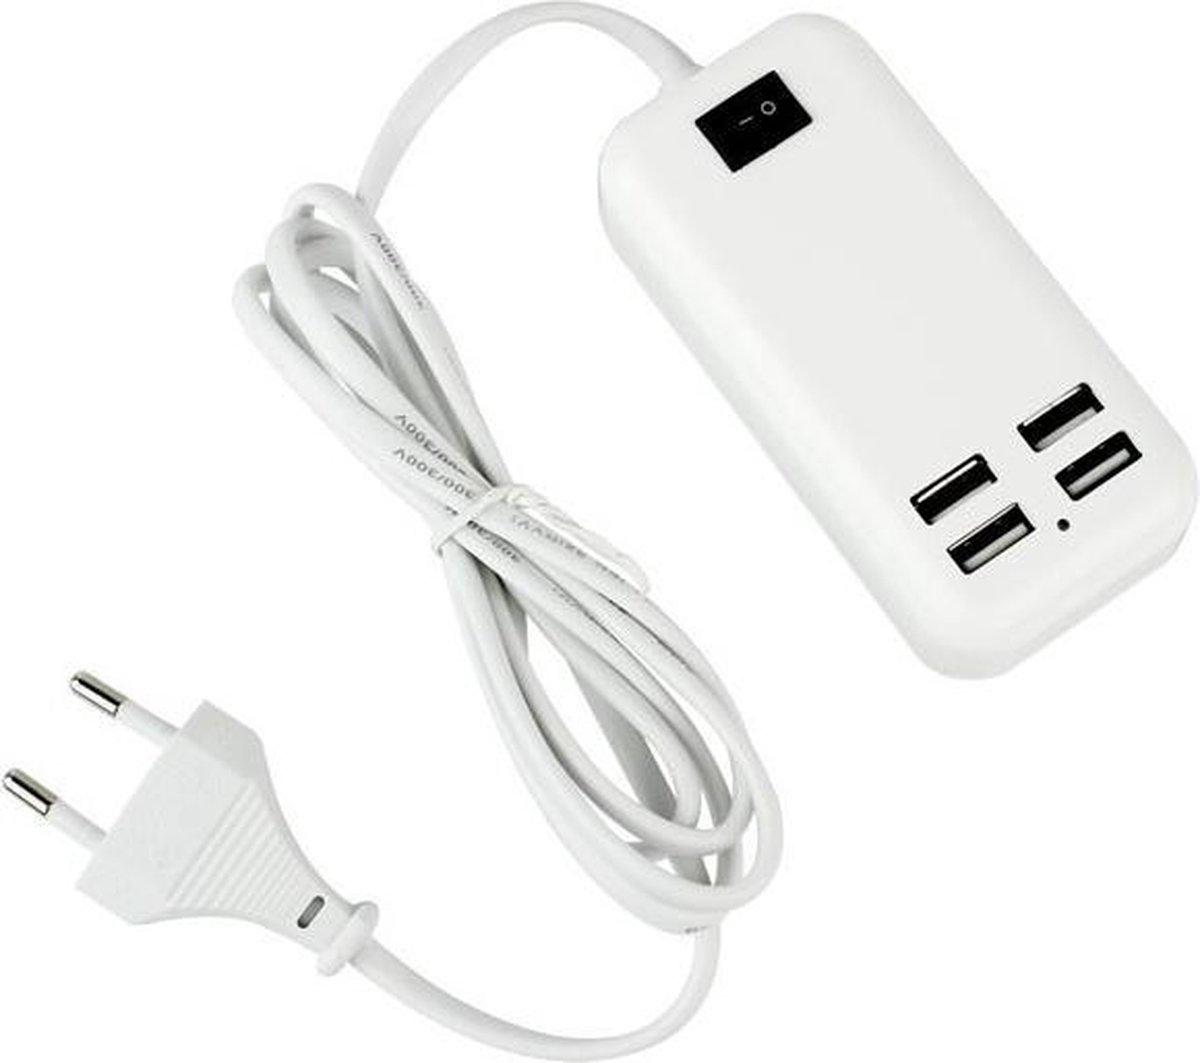 4 USB Poorten 15W universal Oplader / Adapter voor iPhone 6, 6 Plus, iPhone 5, 5S, 5C, 4, 4S